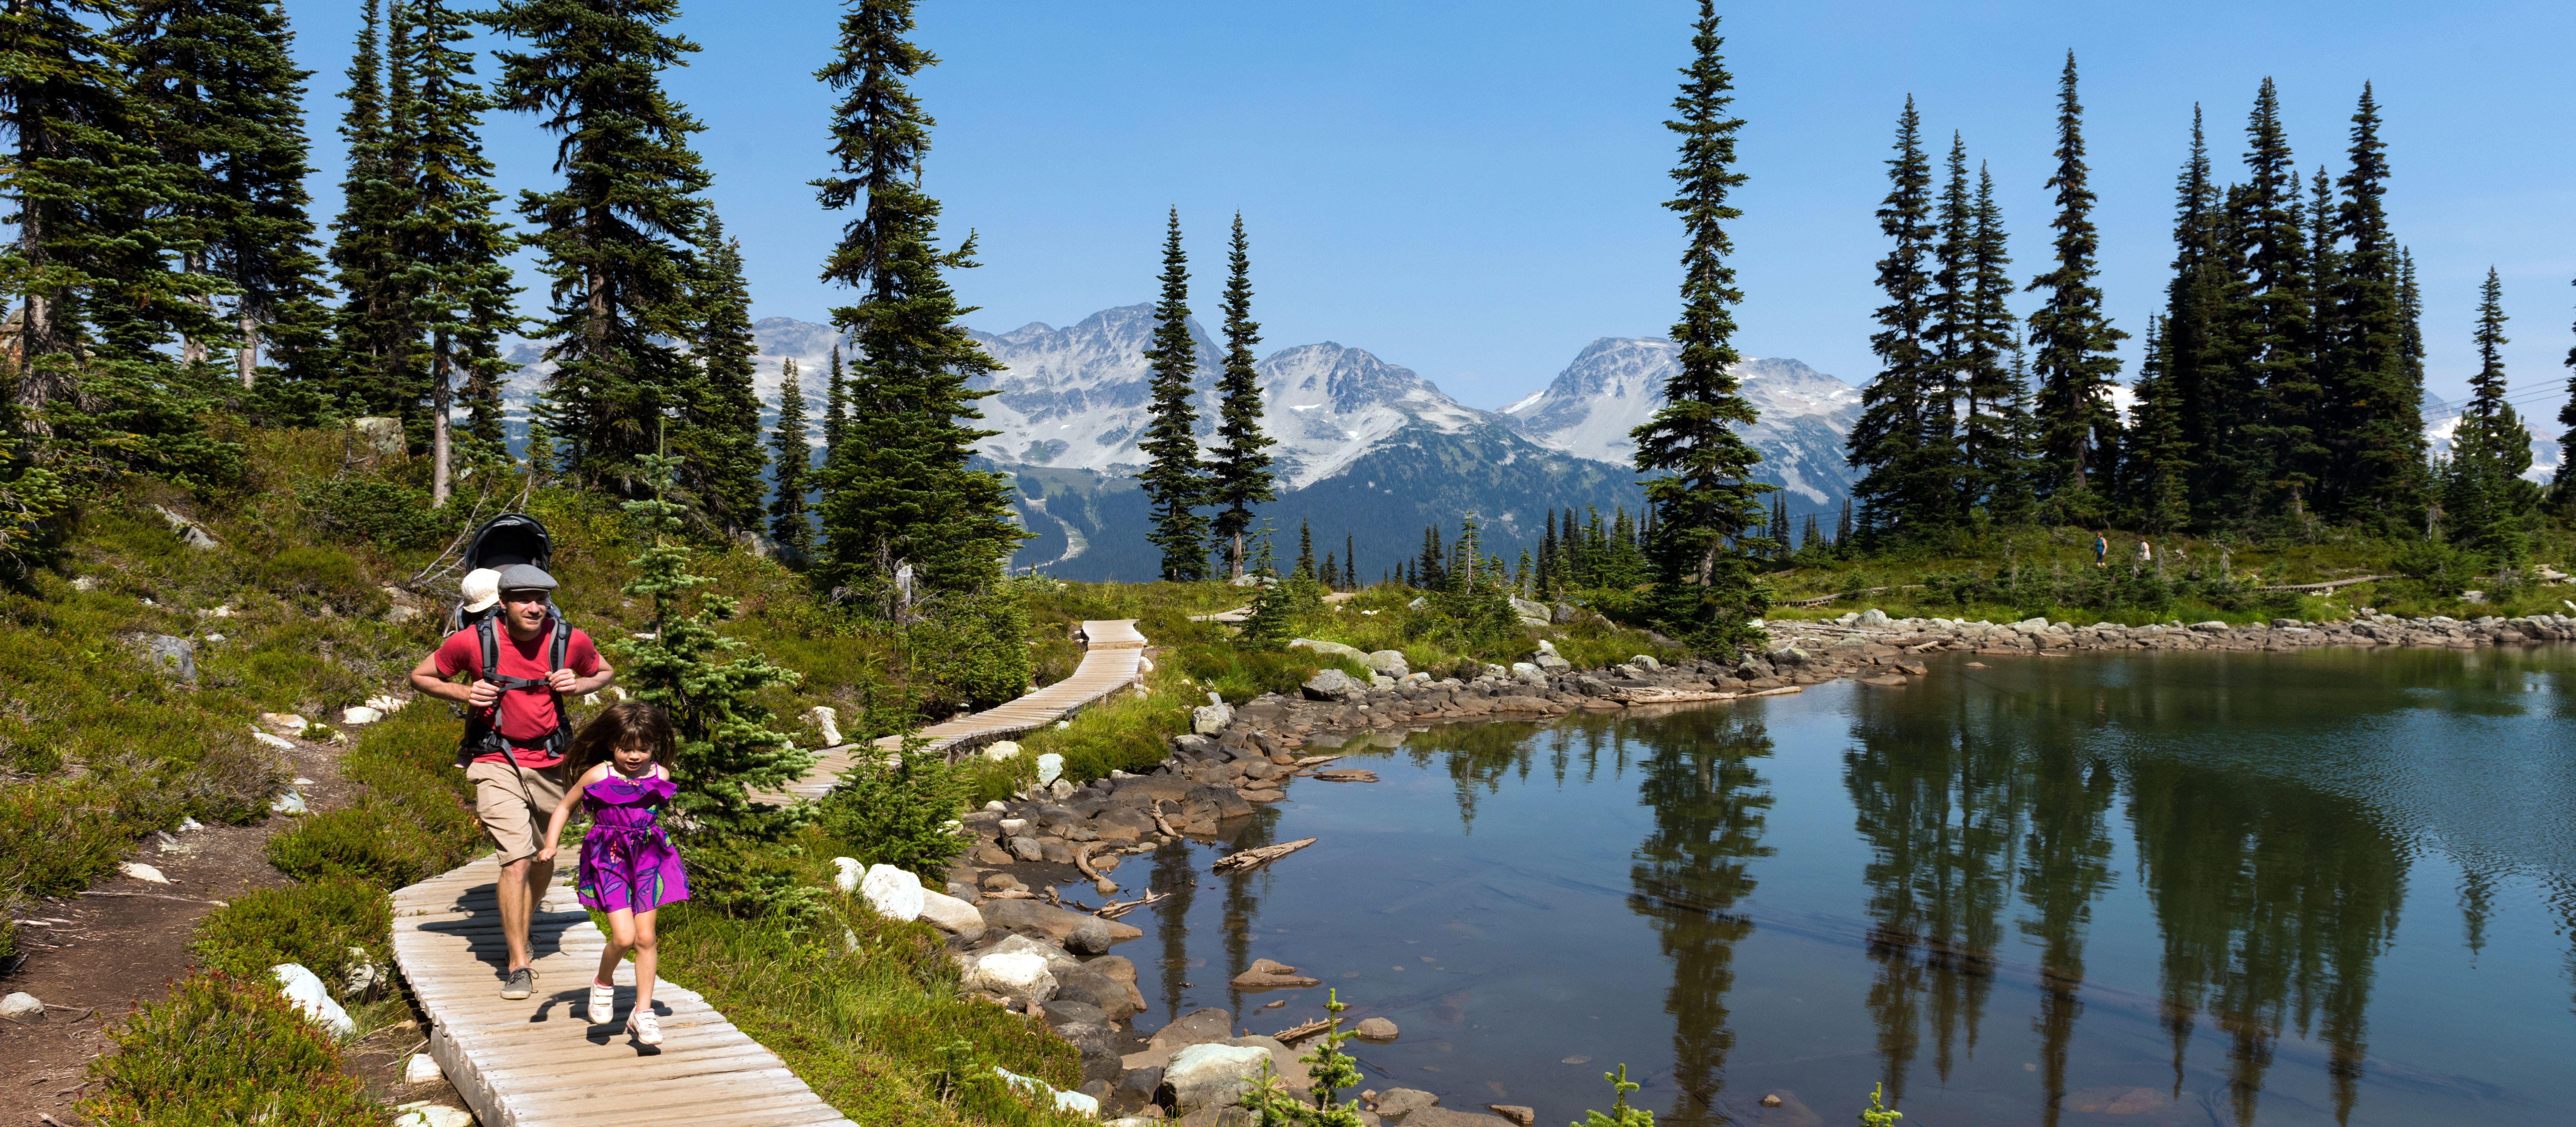 Wanderung am Harmony Lake